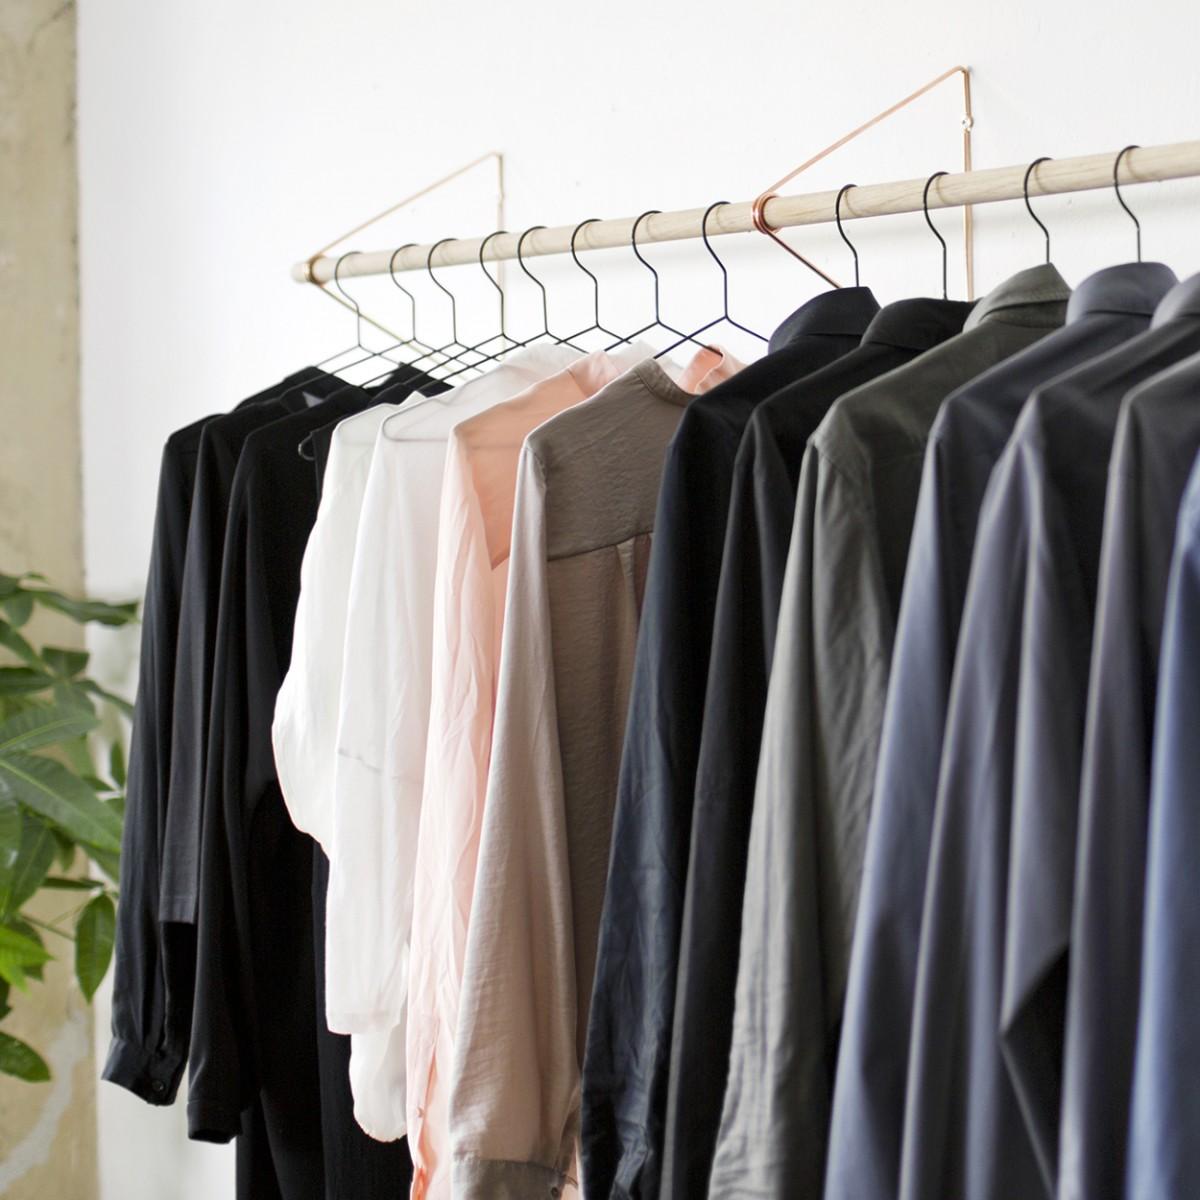 SPRING Garderobensystem in Kupfer, viele verschiedene Längen | Result Objects